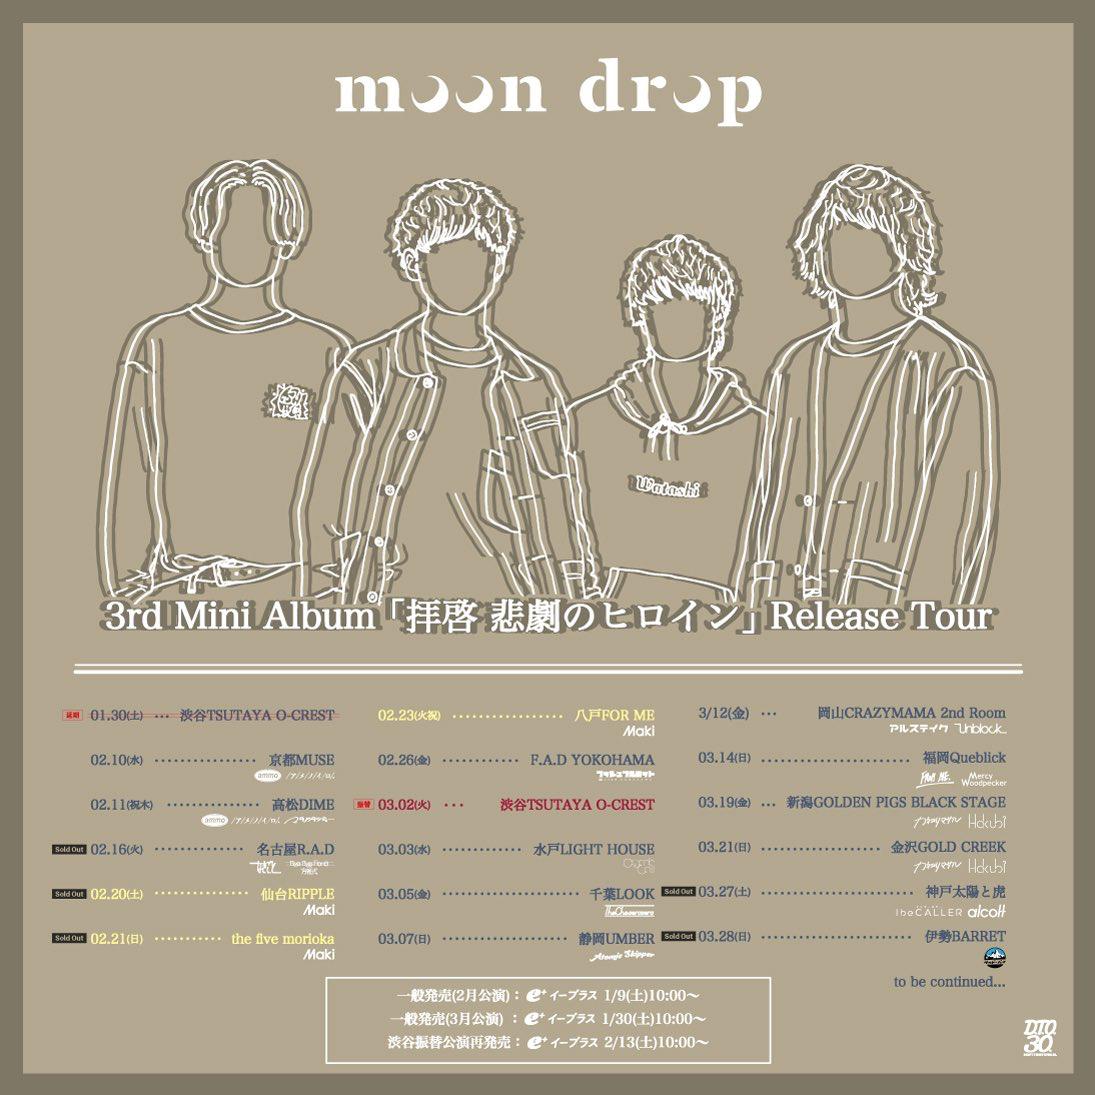 (※時間変更)moon drop 3rd Mini Album「拝啓 悲劇のヒロイン」Release Tour